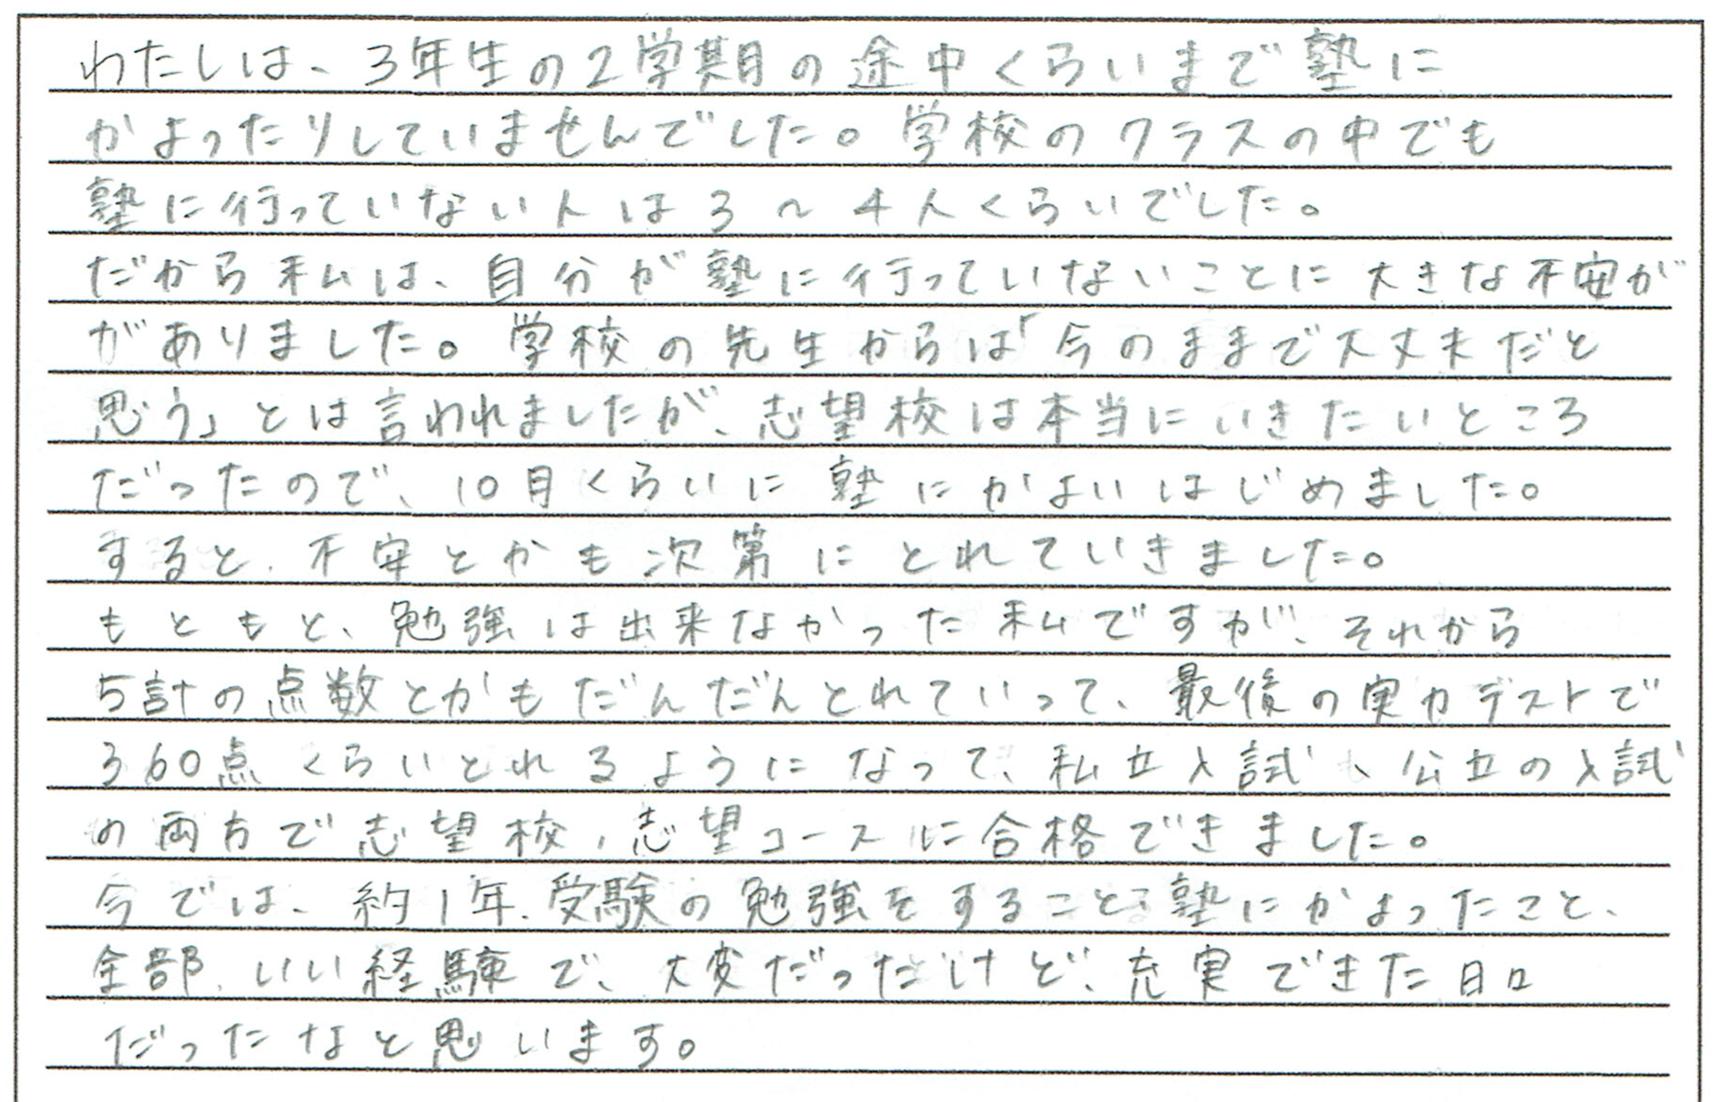 辰巳 摩耶さん 芦屋高校 合格